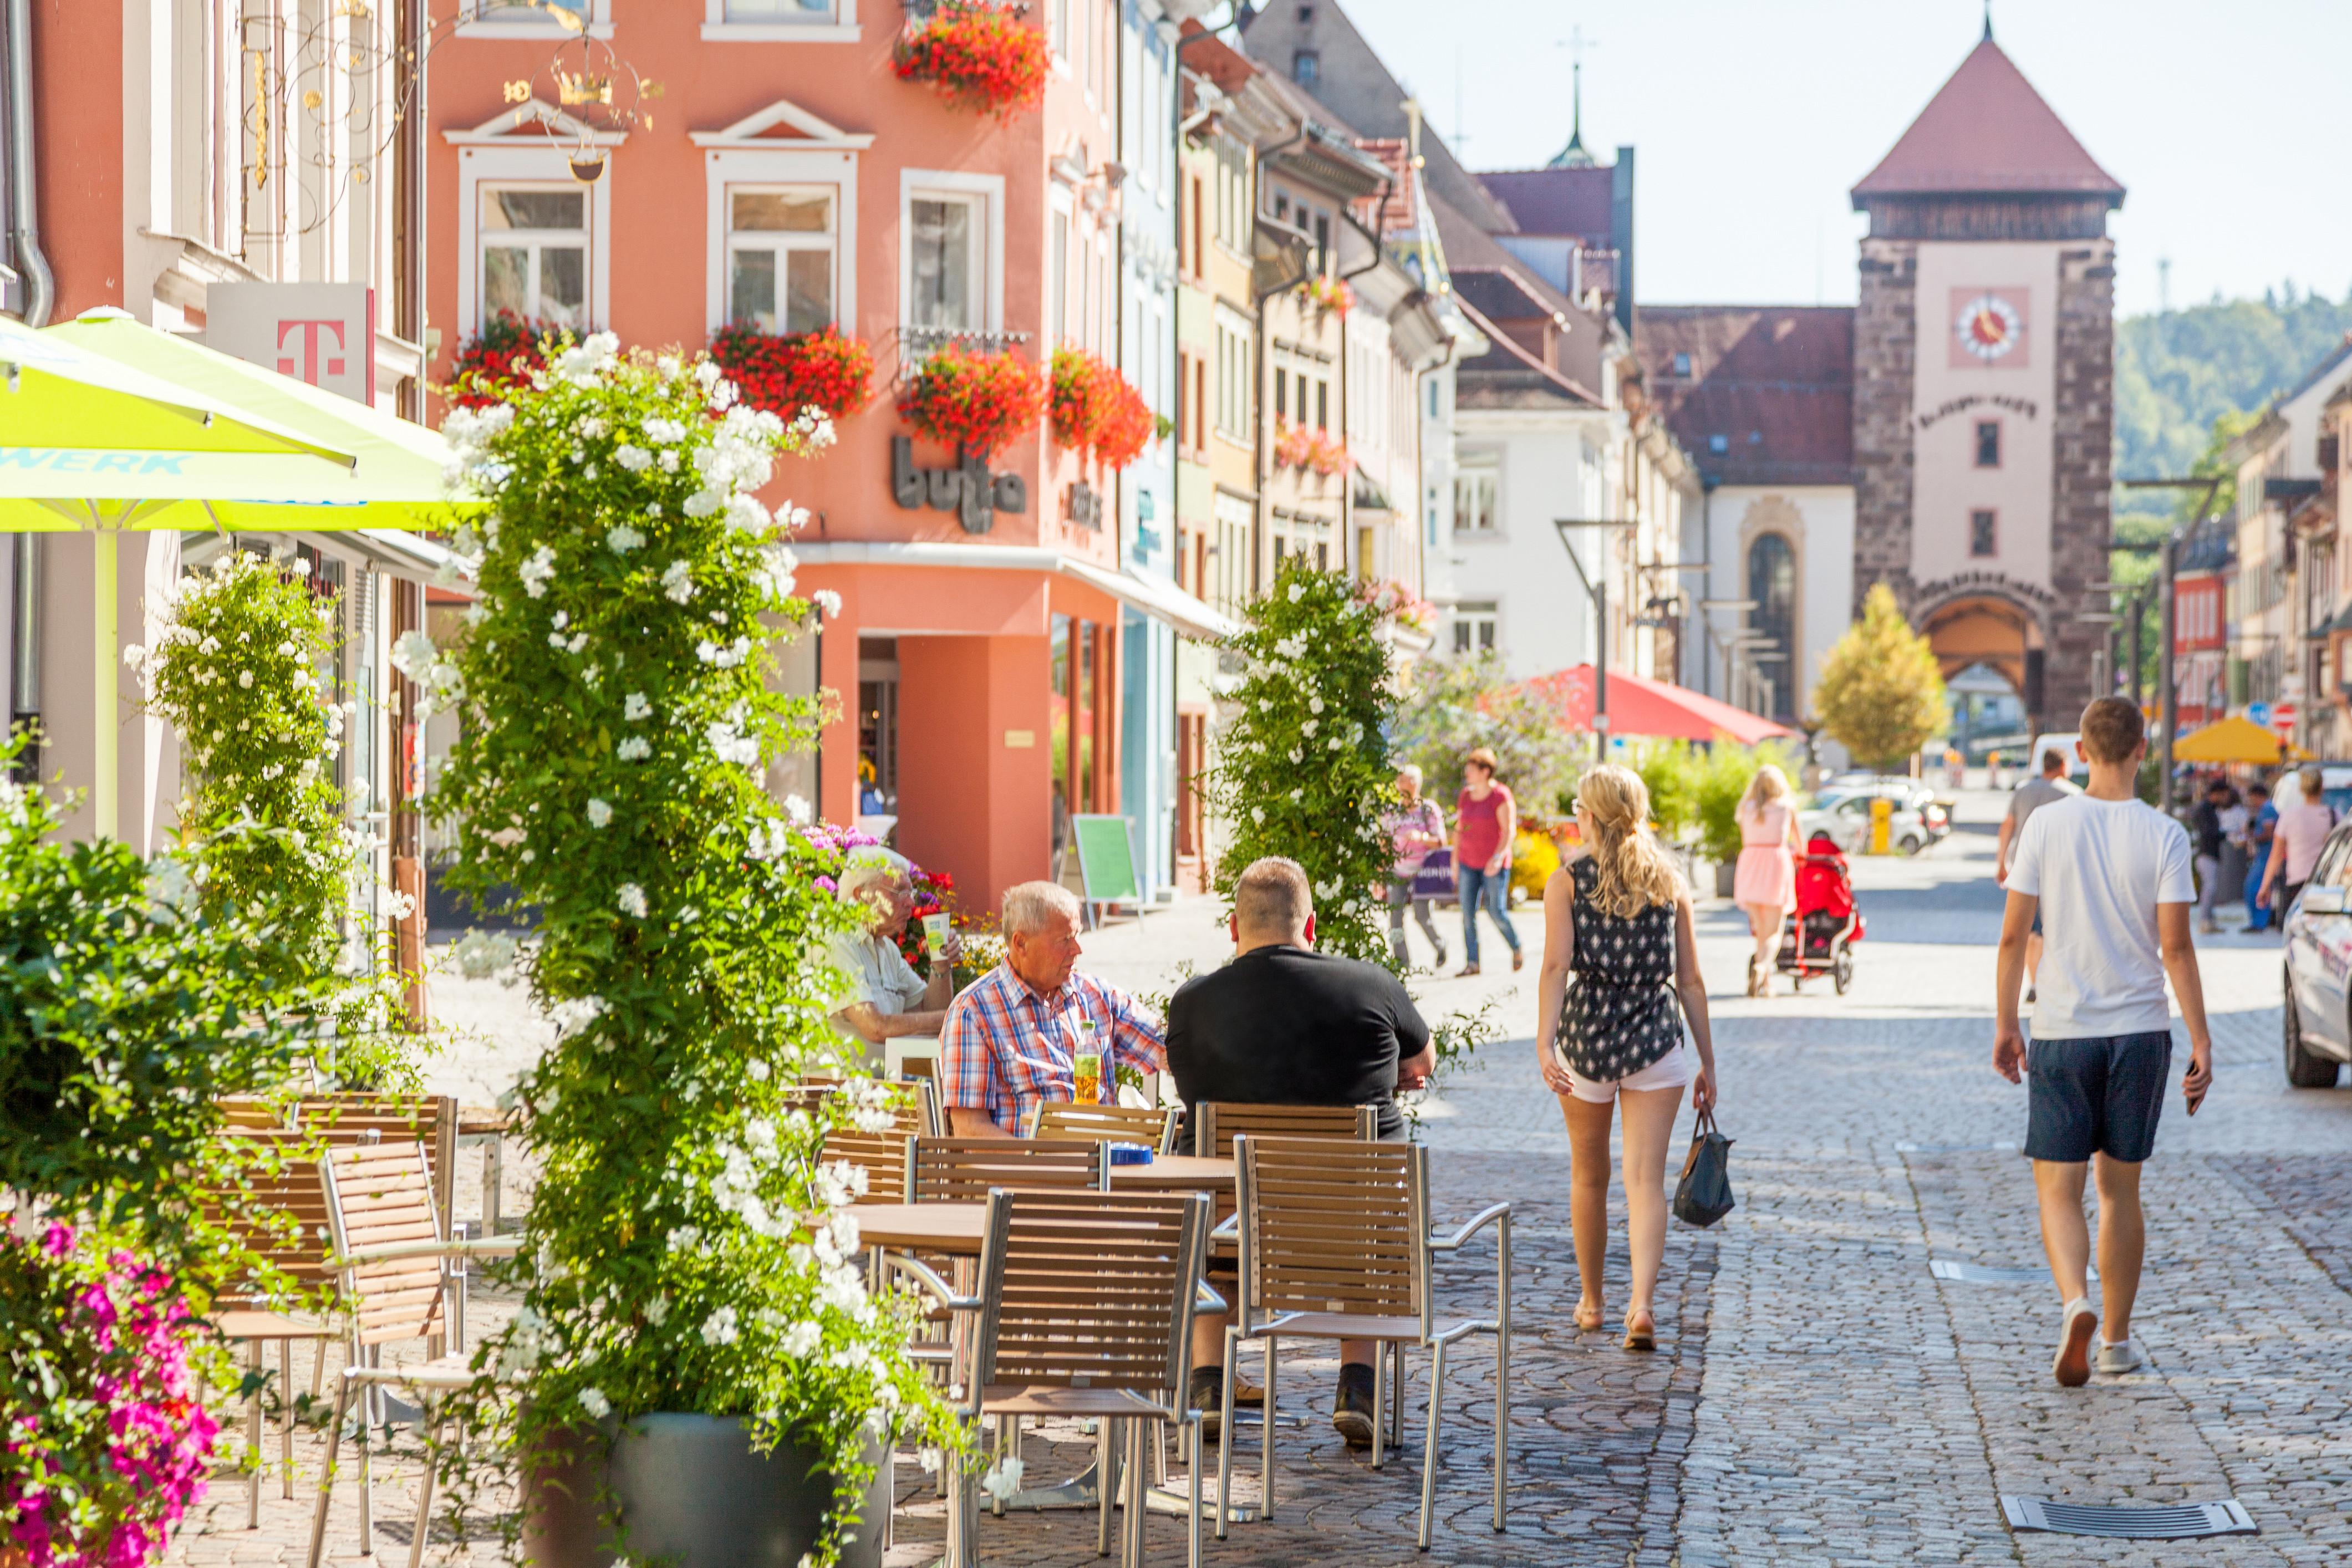 Historische Innenstadt Villingens